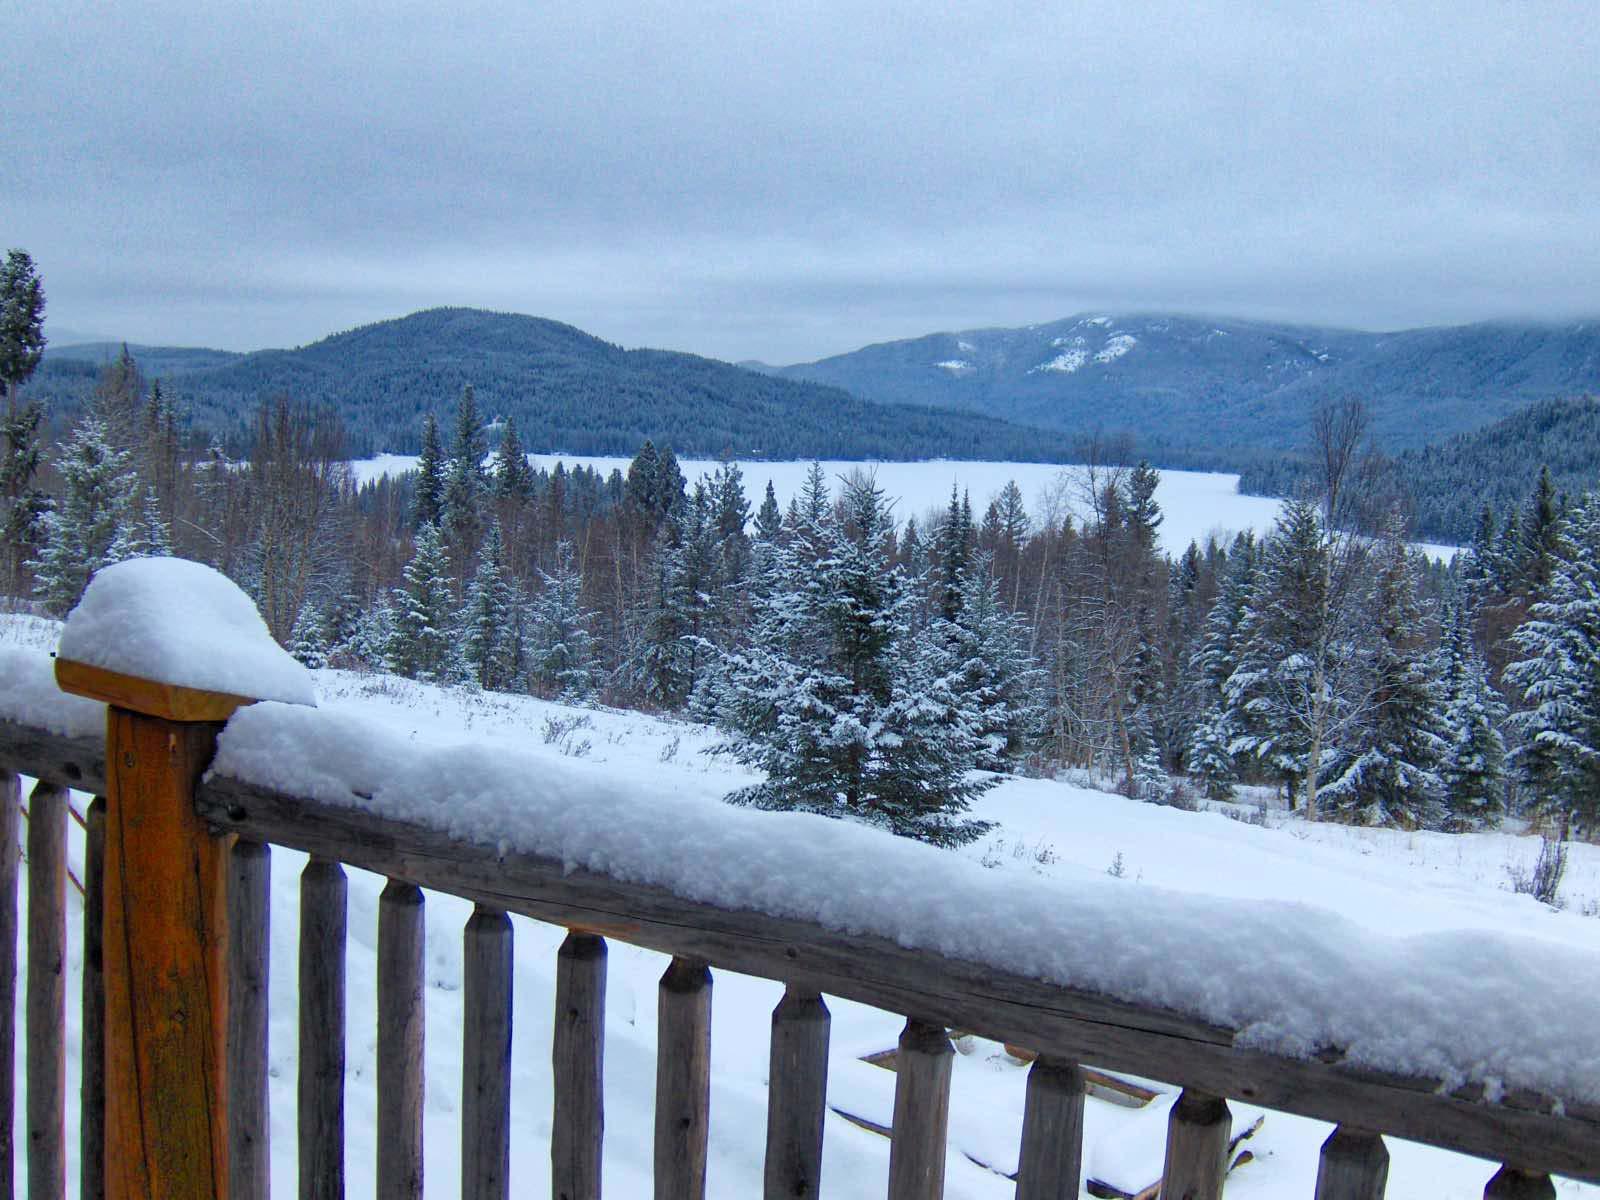 Der Blick vom Frühstückstisch in die verschneite kanadische Landschaft.